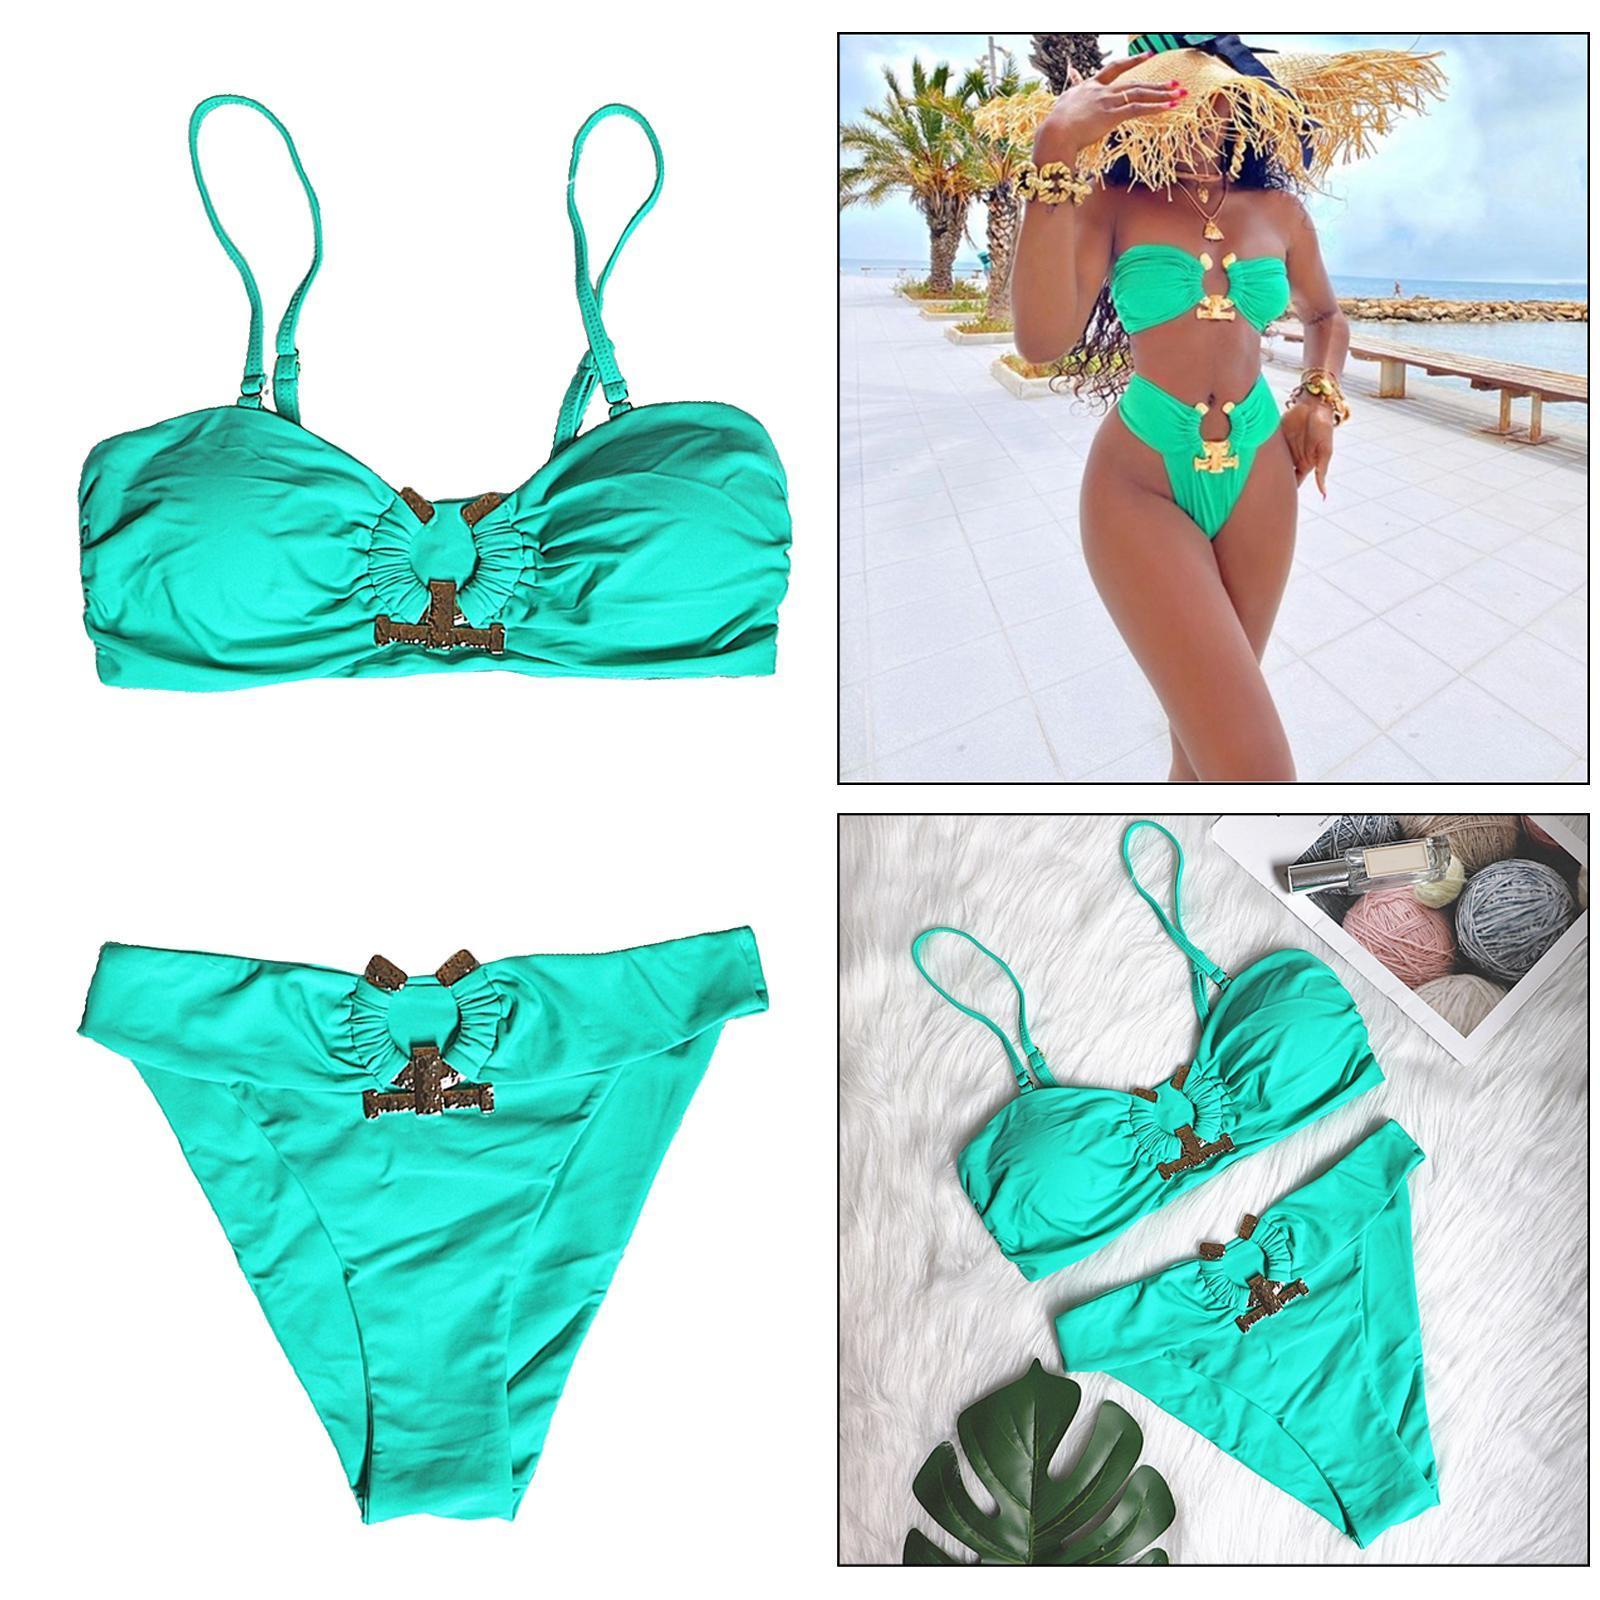 Indexbild 116 - Zwei Stücke Bikini Set Strappy Bademode Party Badeanzug Tankini Bademode